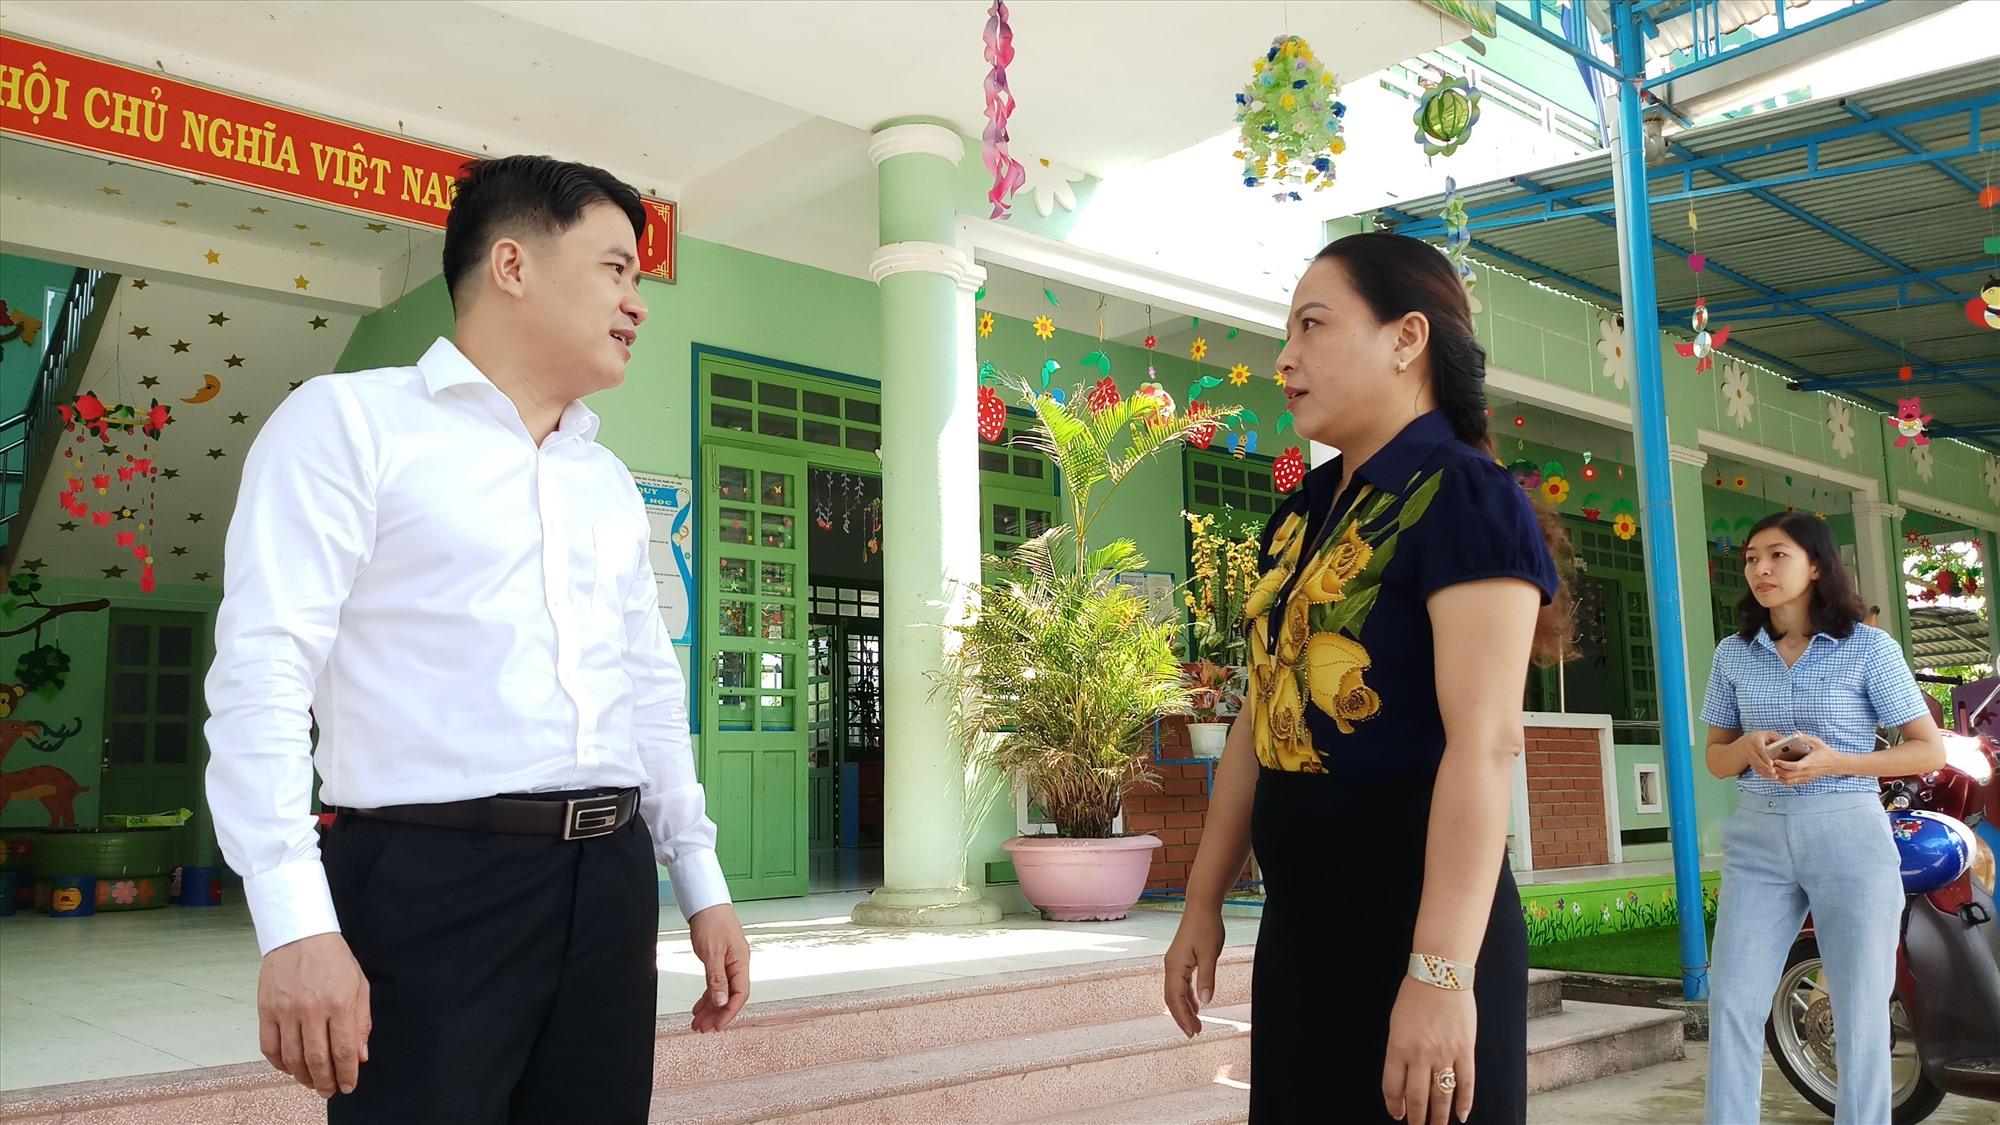 Phó Chủ tịch UBND tỉnh Trần Văn Tân kiểm tra tại trường Mầm non Mai Vàng (xã Trà Sơn, huyện Bắc Trà My). Ảnh: A.N